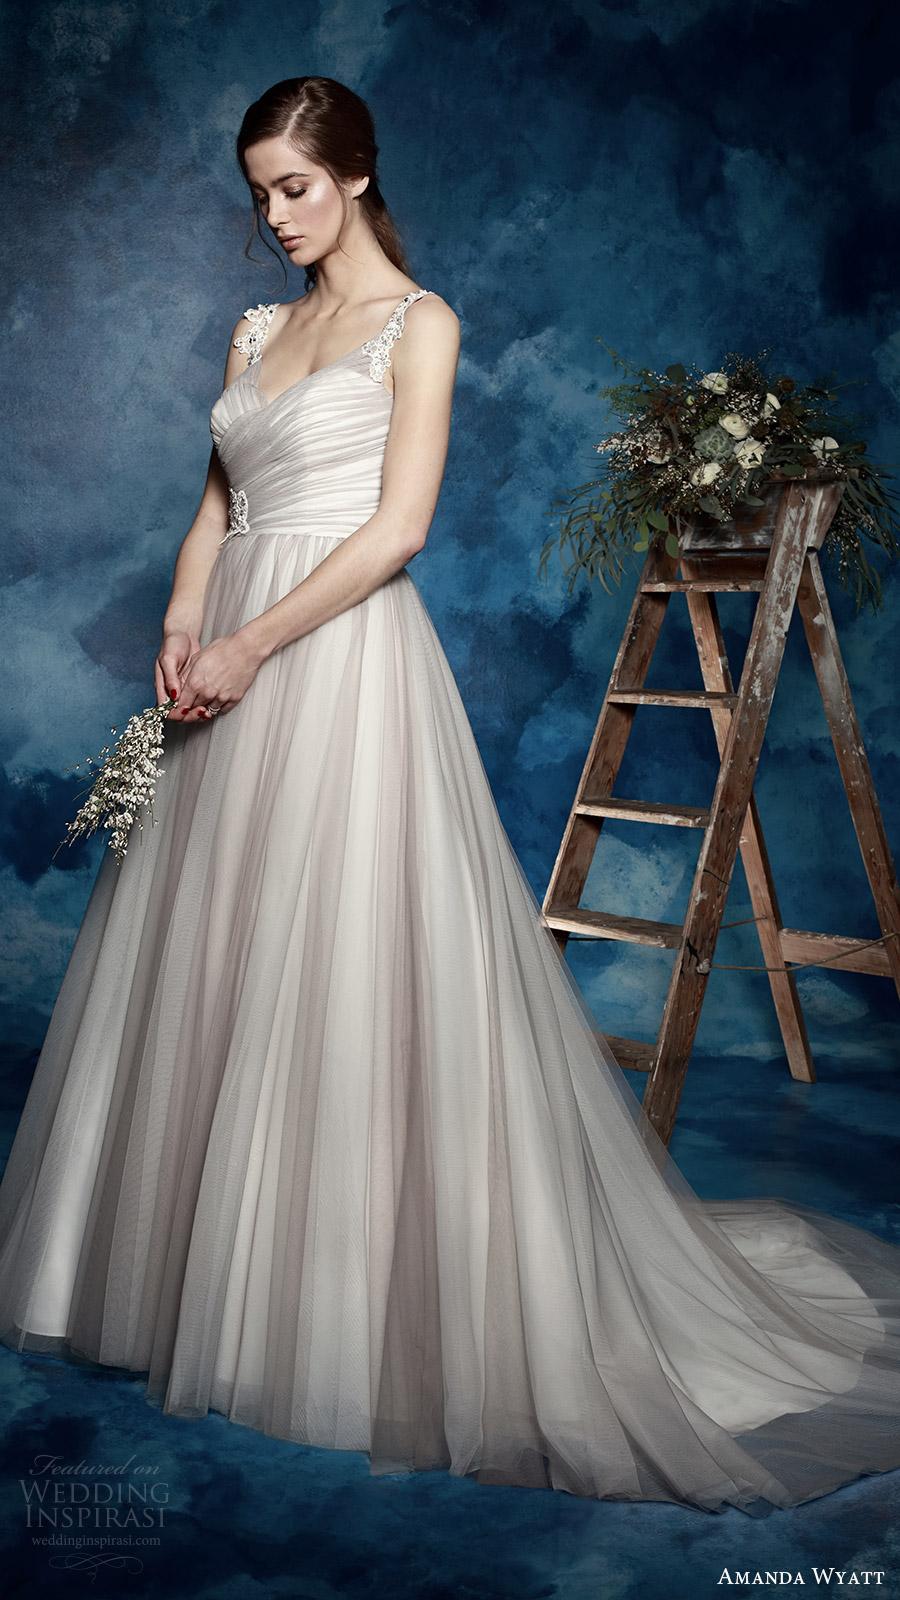 amanda wyatt bridal 2017 sleeveless lace straps vneck ruched surplic ...